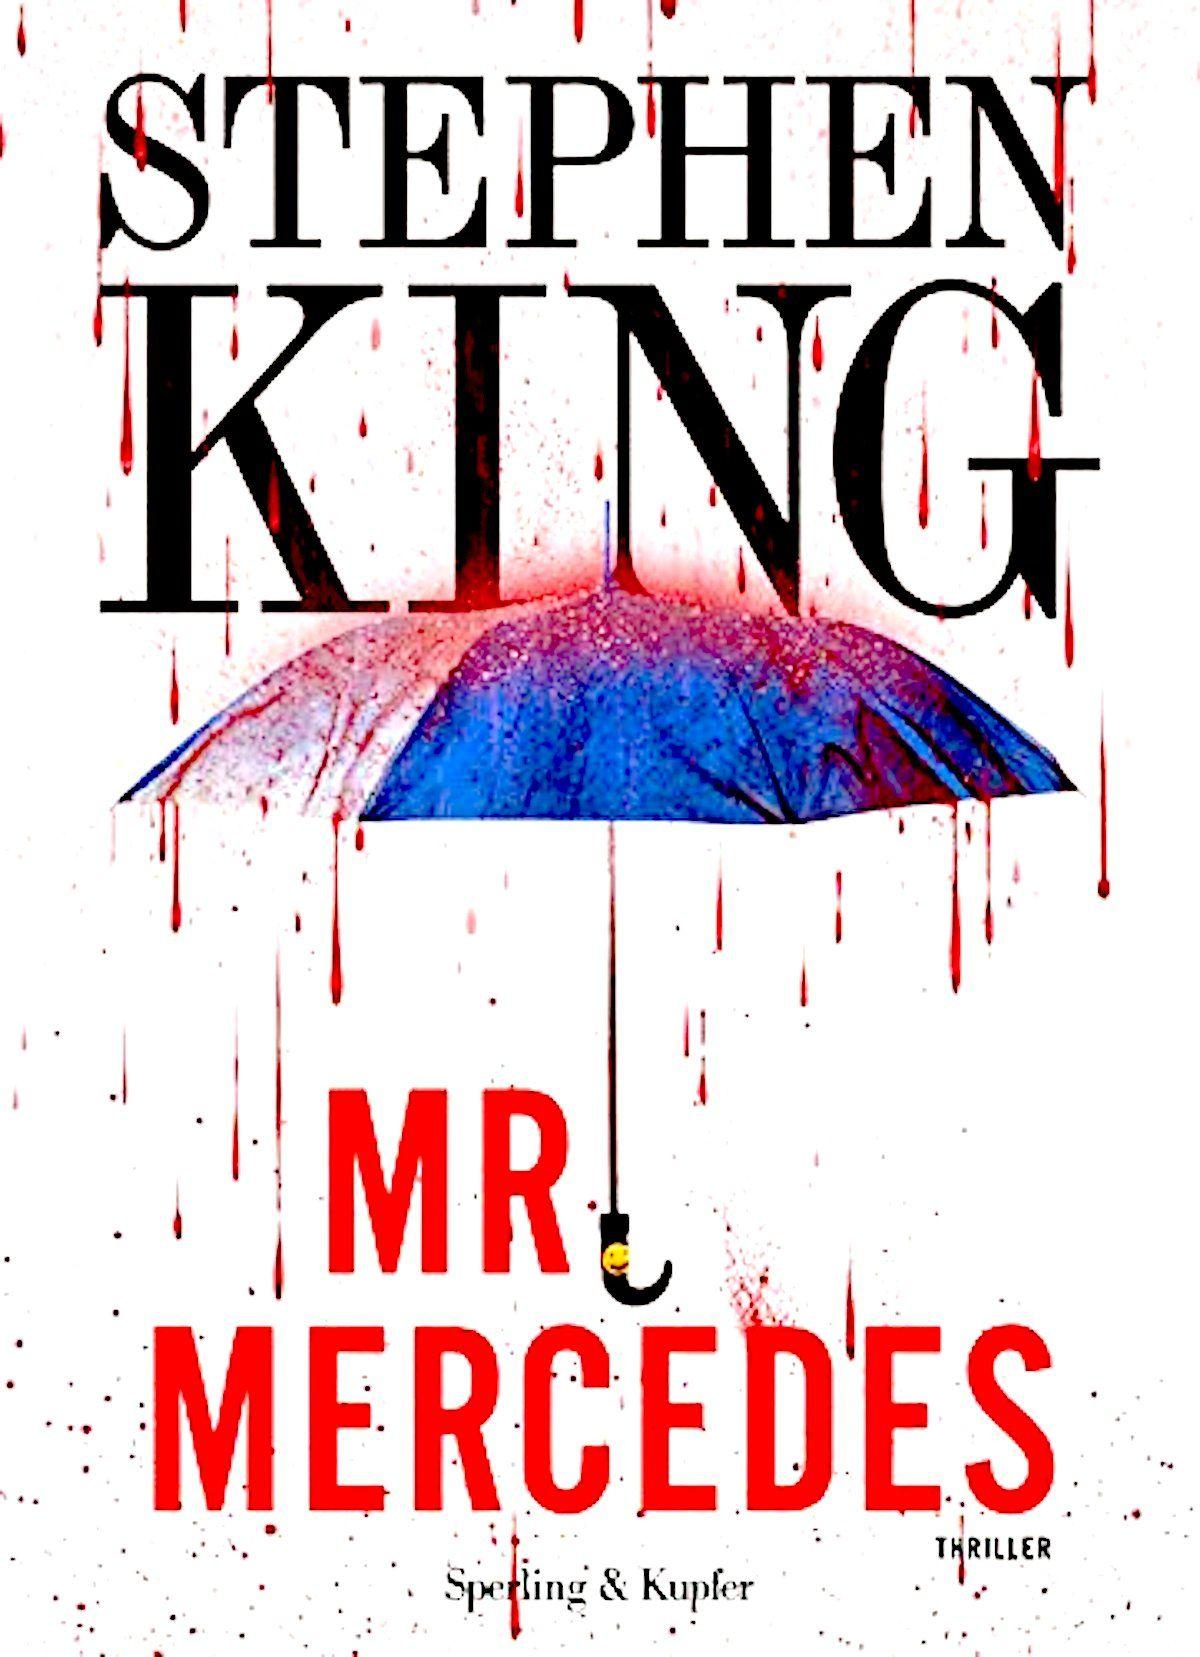 Mr. Mercedes di Stephen King. La nuova vena creativa del maestro horror parta in scena un ulteriore capolavoro, questa volta di genere hard boiled pepato.